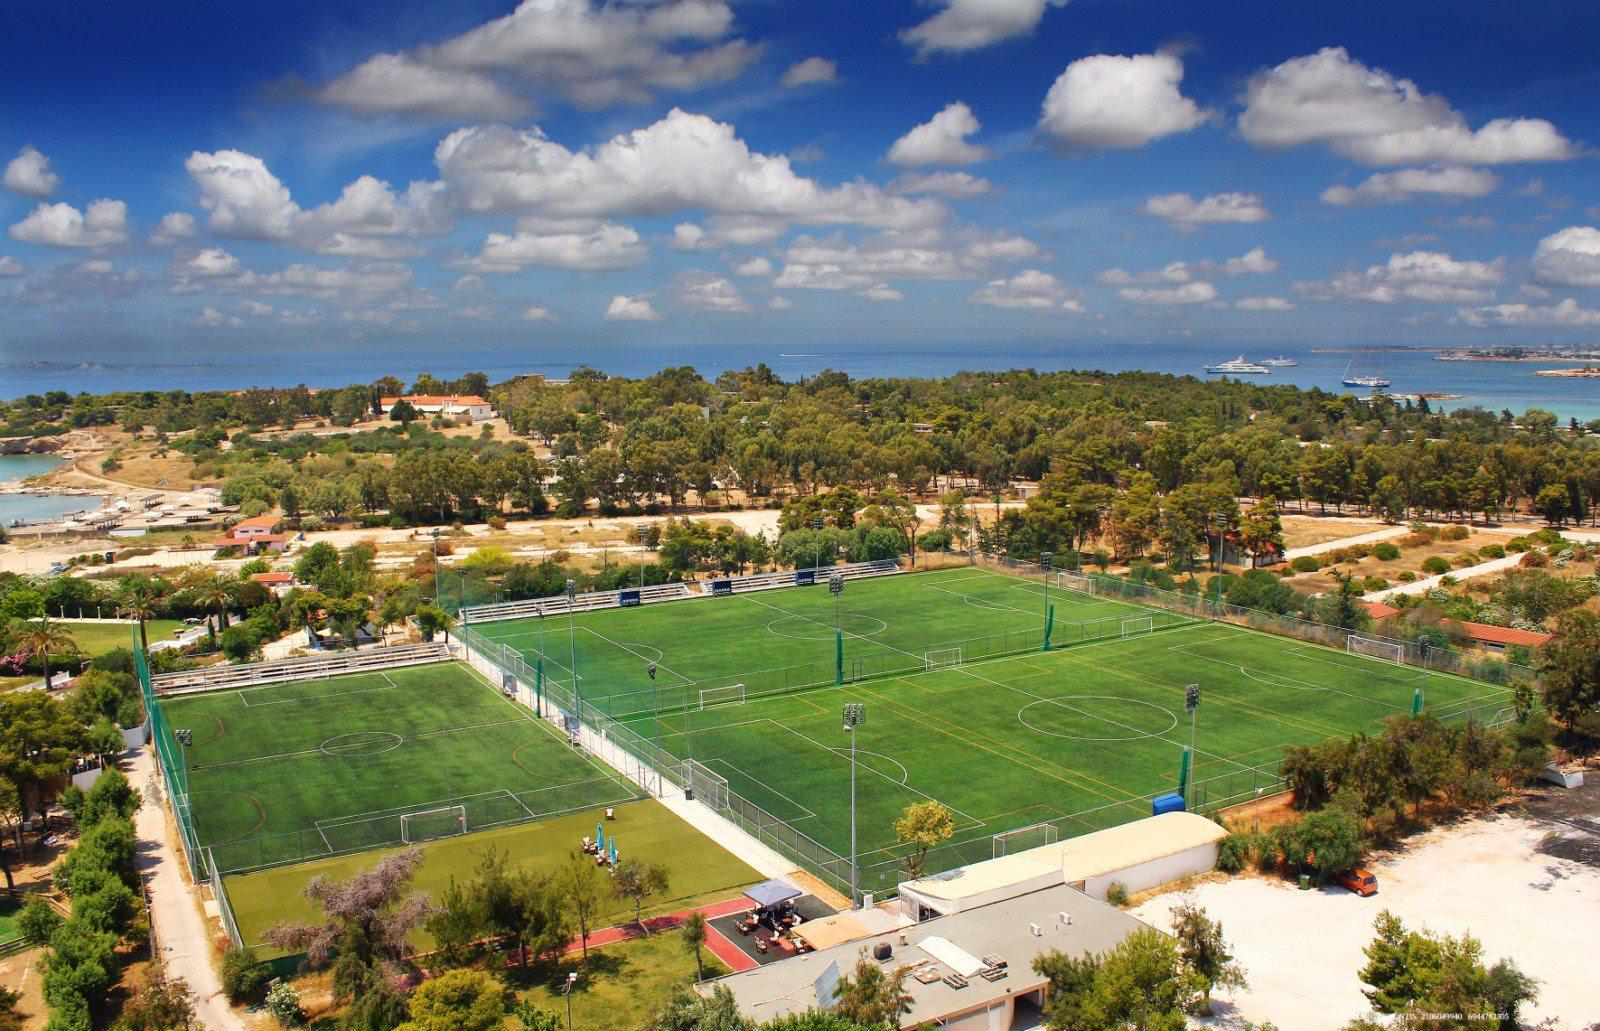 Ποδόσφαιρο για καλό σκοπό από τη Μητρόπολη στη Βούλα